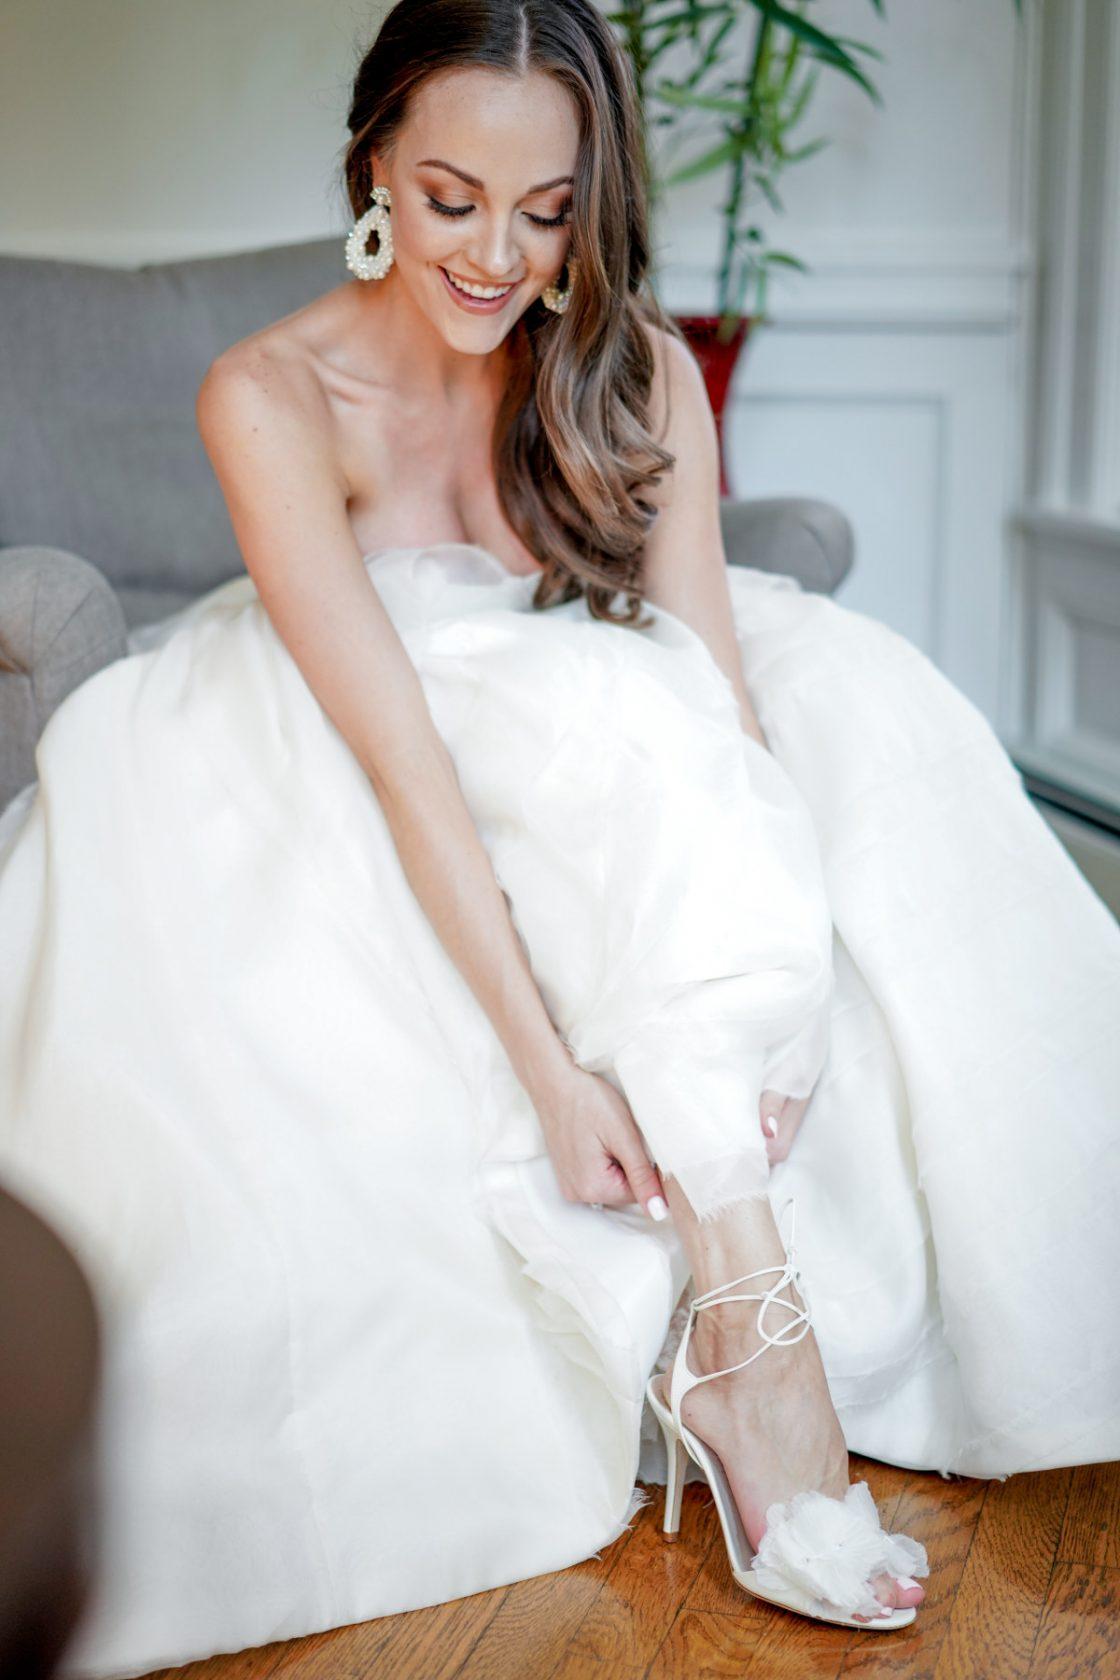 Elegant Bride Getting Ready Photo